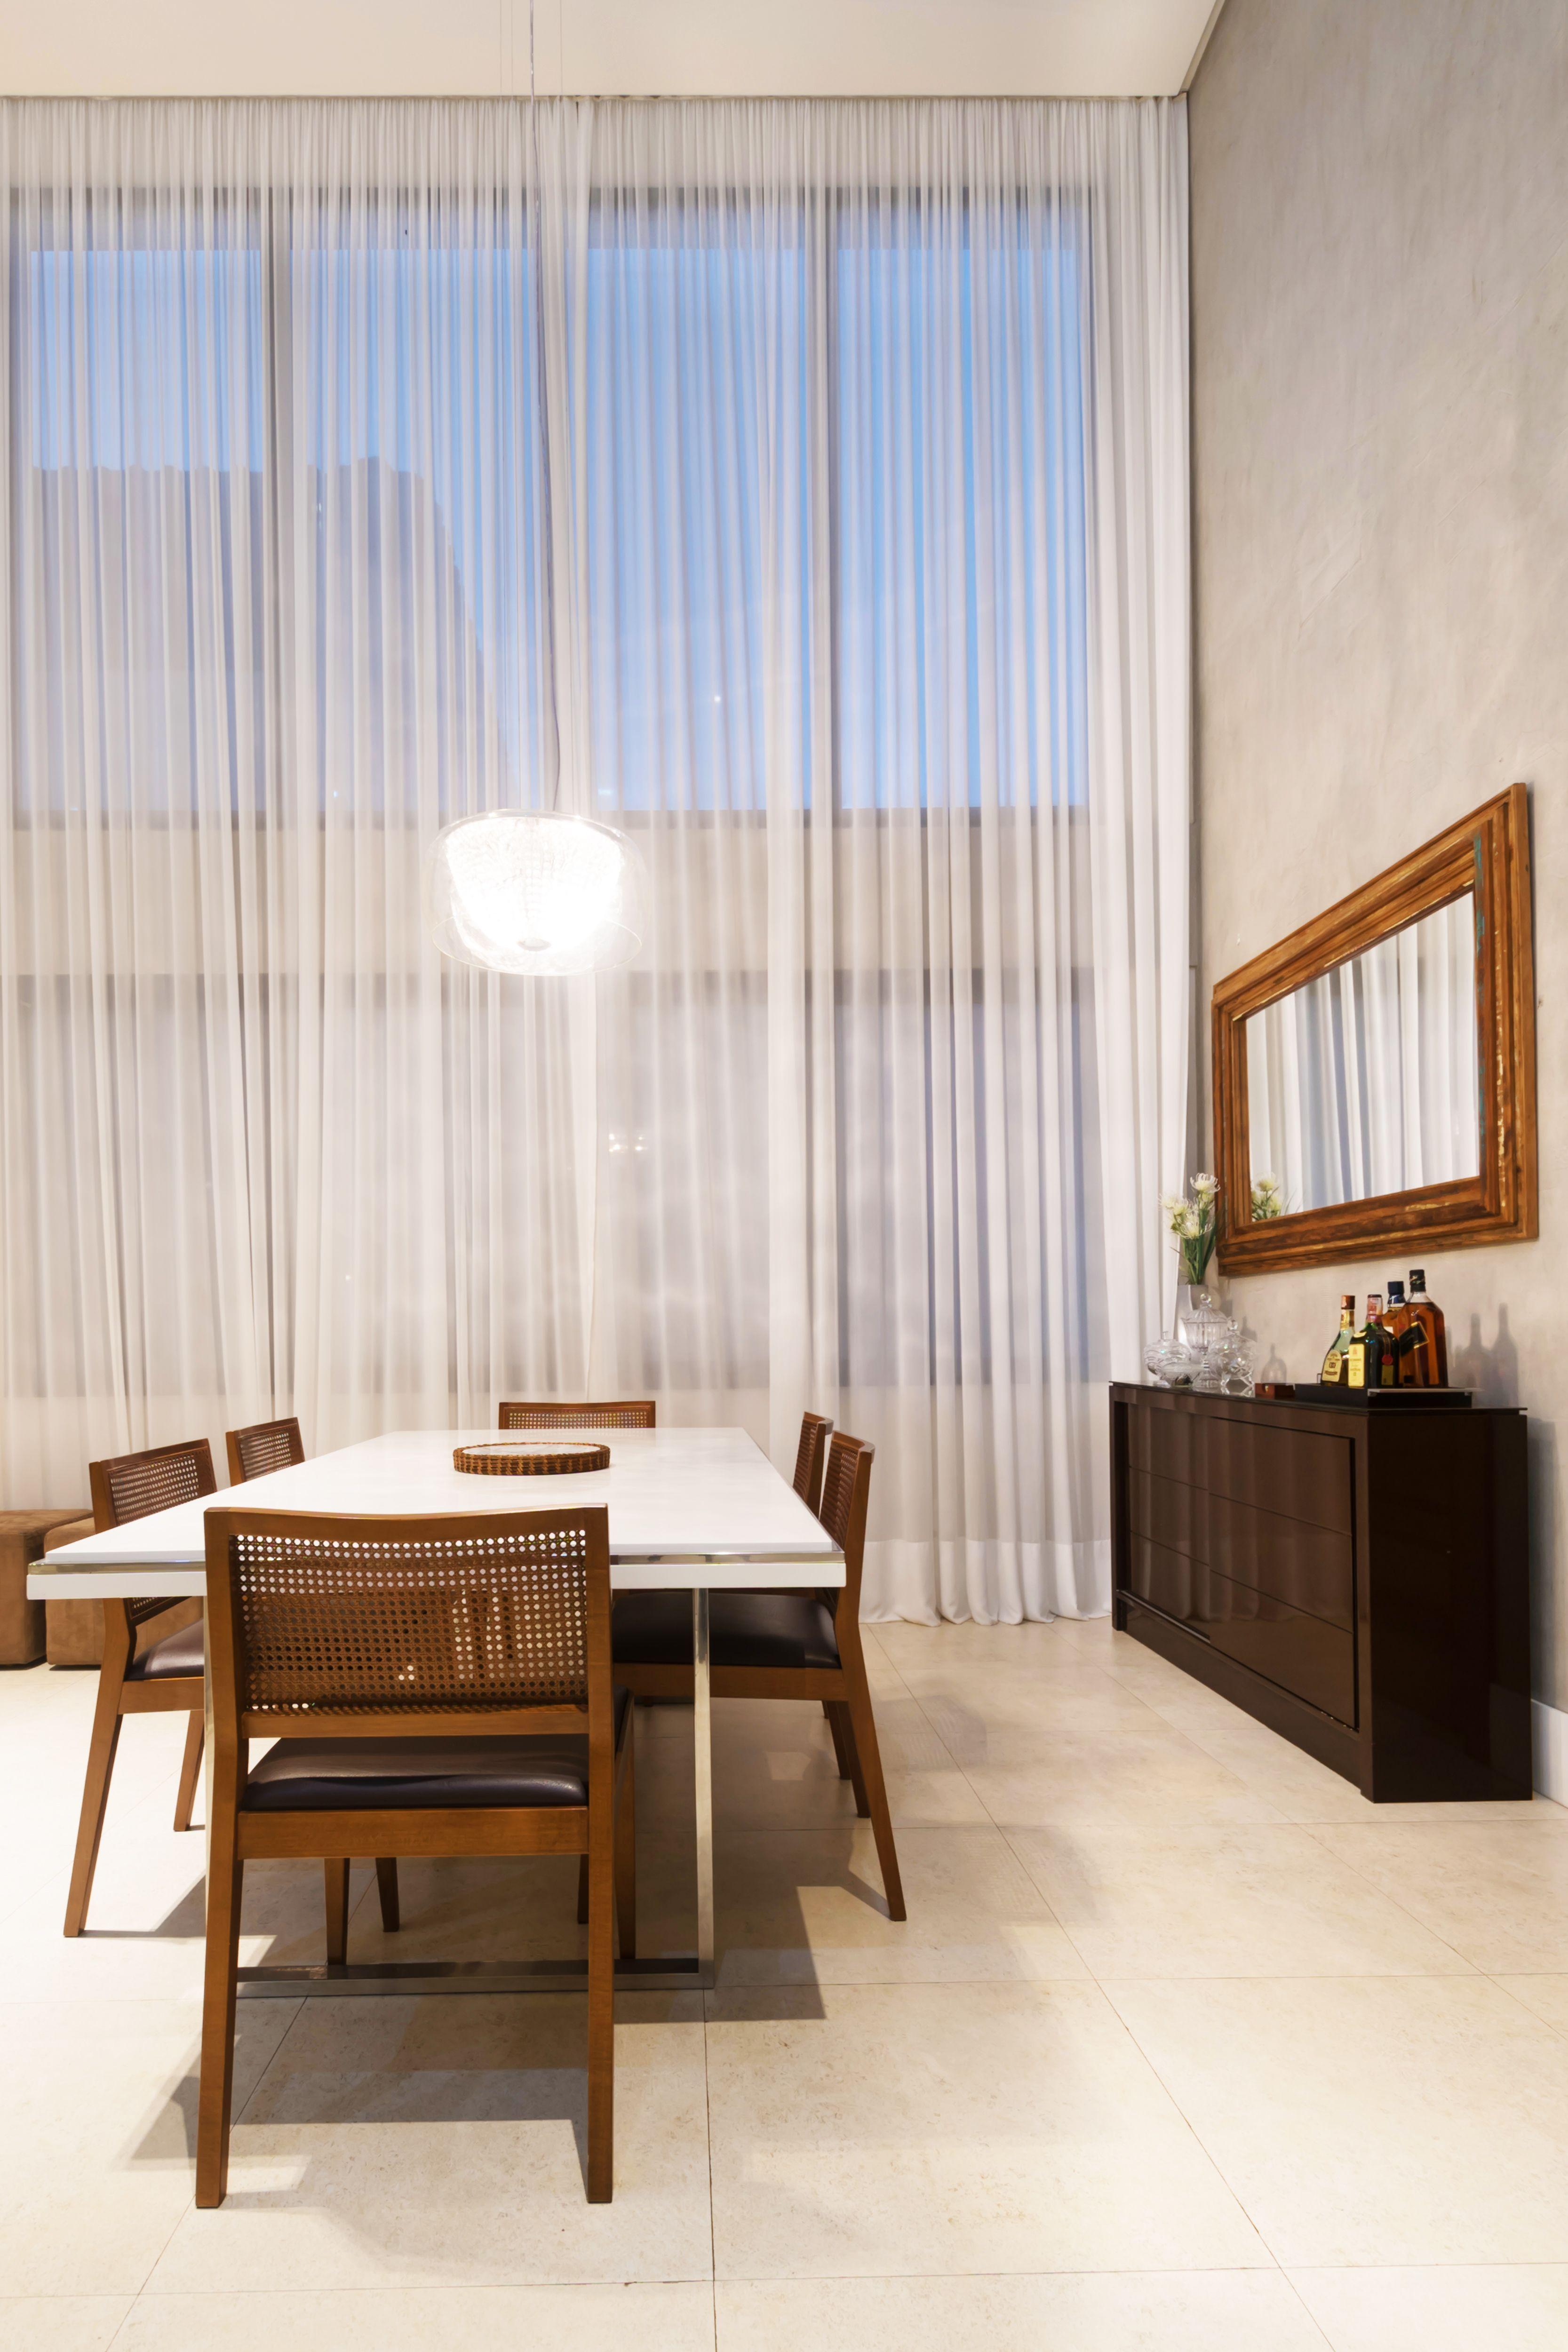 Sala Com Decora O Contempor Nea Localizada Na Praia Piso  -> Sala Com O Piso Porcelanato Polido Cinza